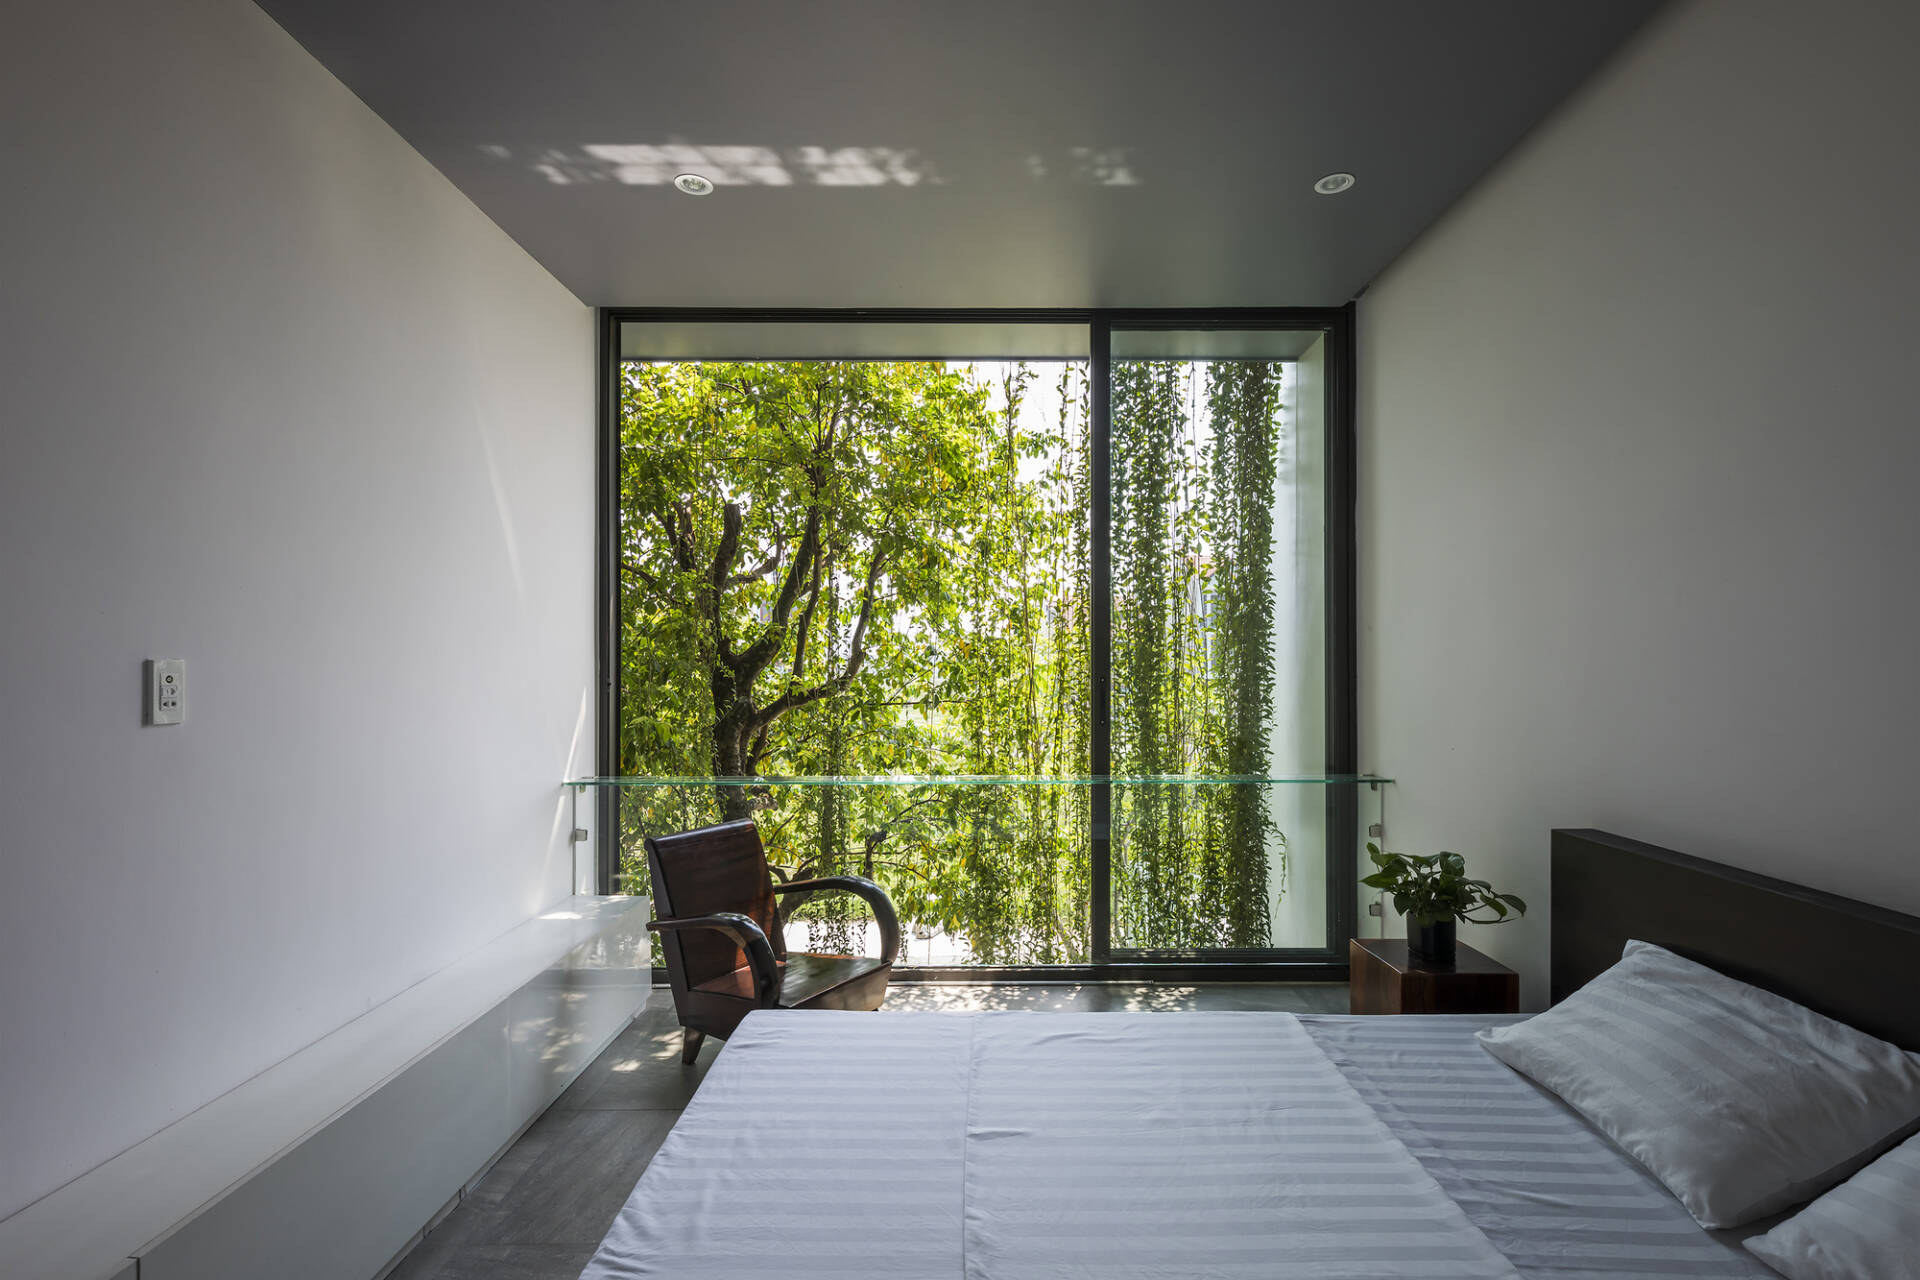 Phòng ngủ với thiết kế đơn giản với hai tông màu chủ đạo: trắng và nâu trầm.